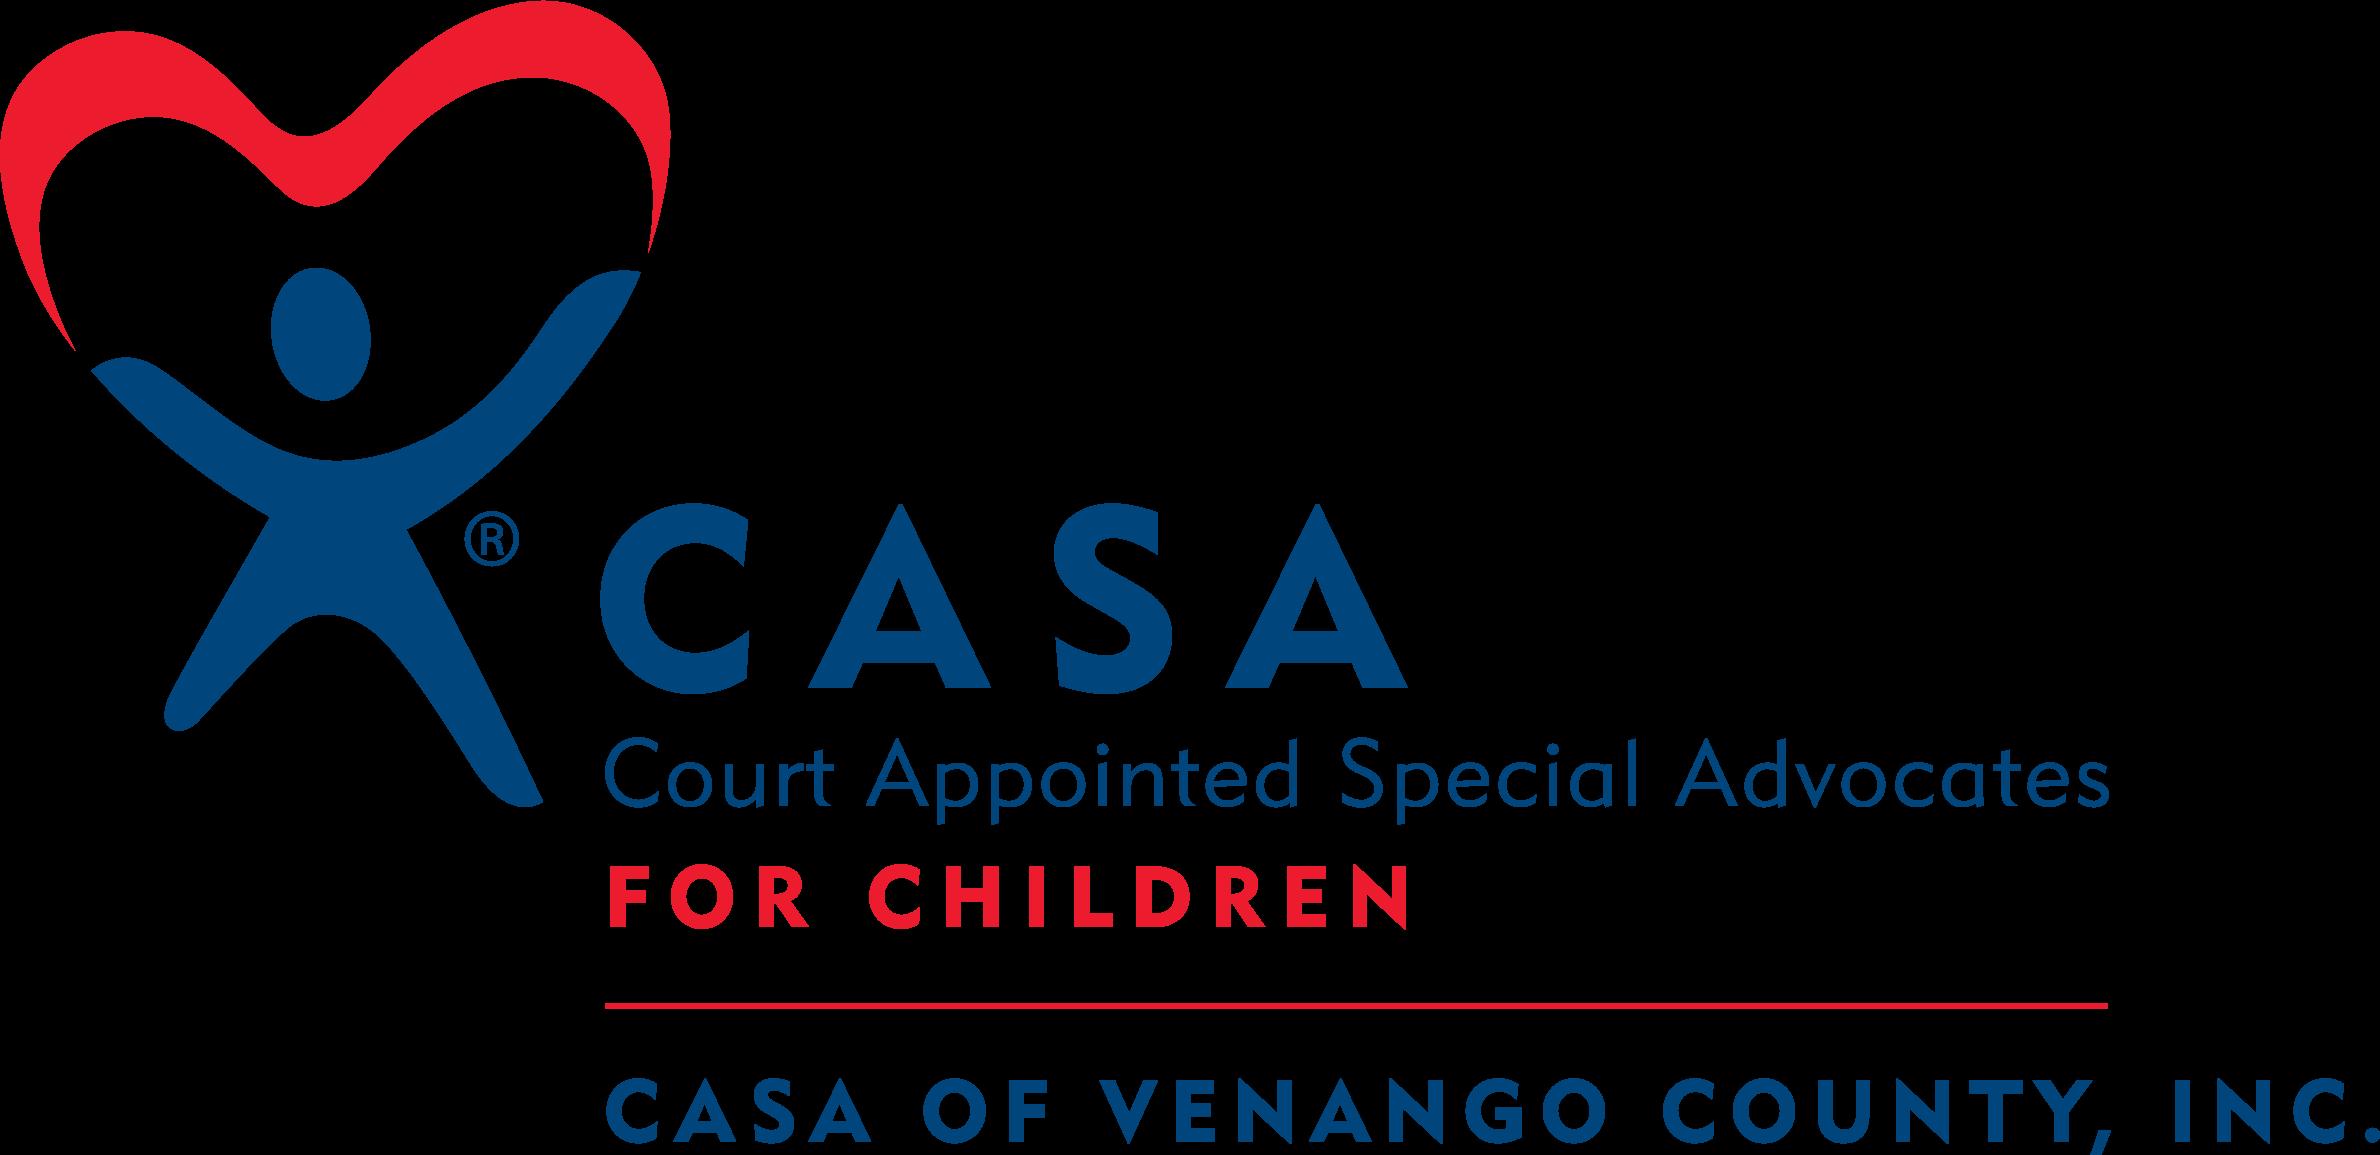 CASA of Venango County